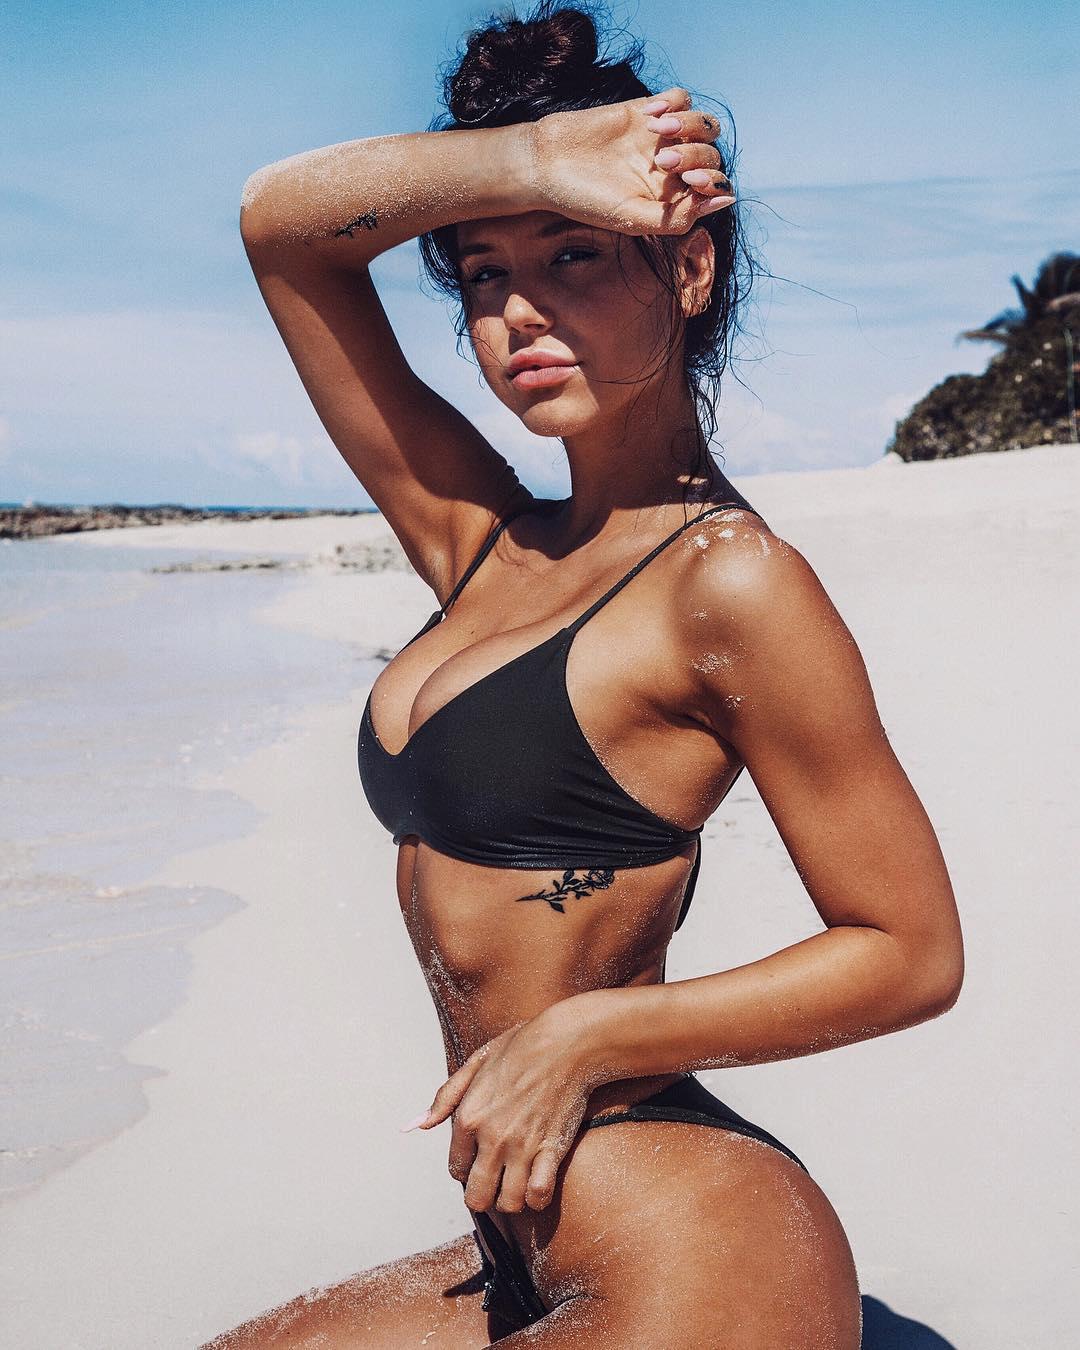 Alexis Ren – Instagram